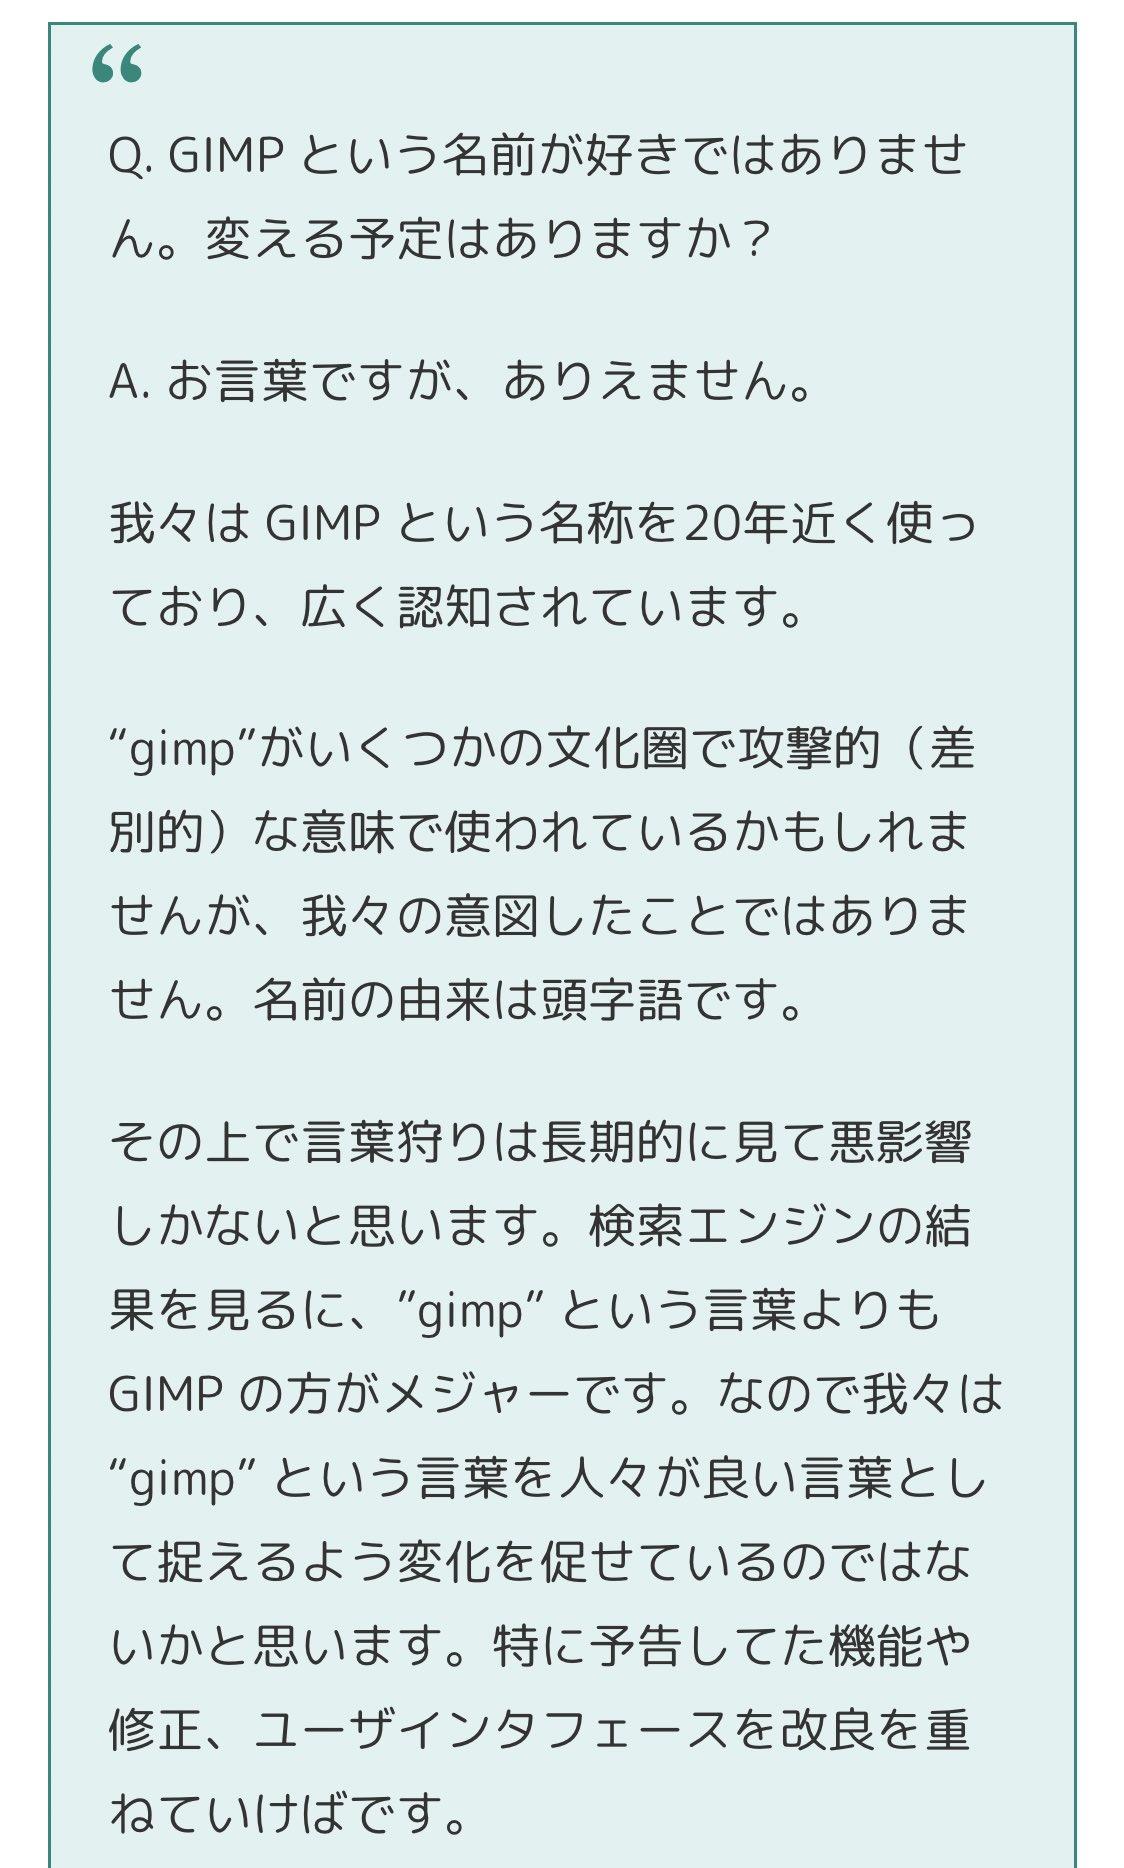 GIMPが言葉狩りに対してキレキレの対応している!!